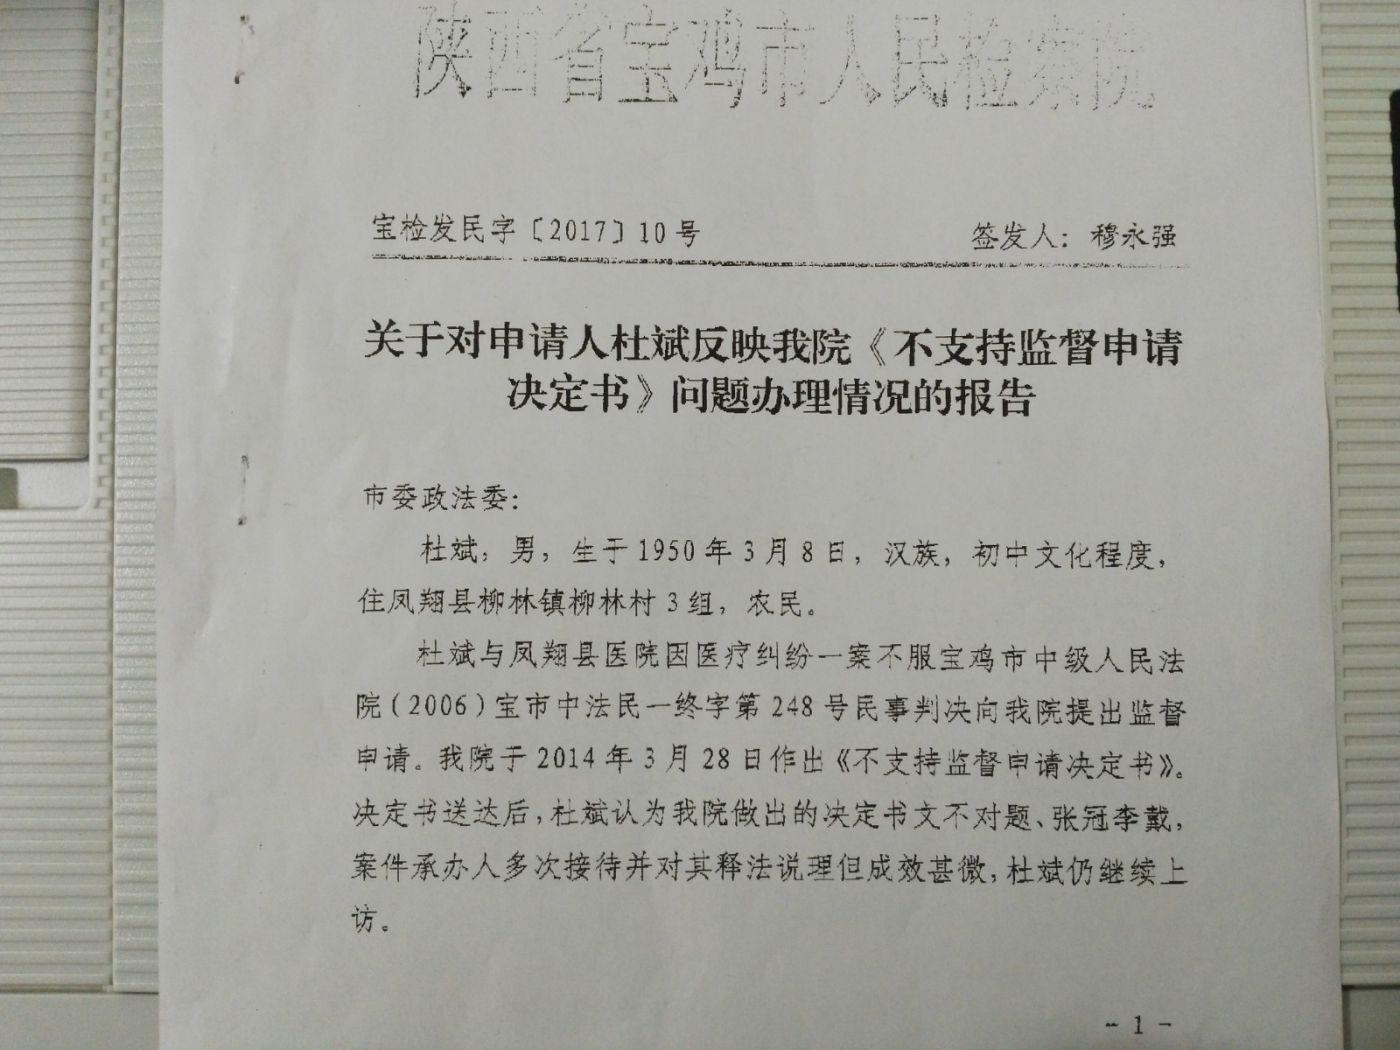 治残七旬老人是凤翔县医院,求助陕西省三级法院四审. 两级检察院均遗漏诉求,维权比登 ..._图1-1